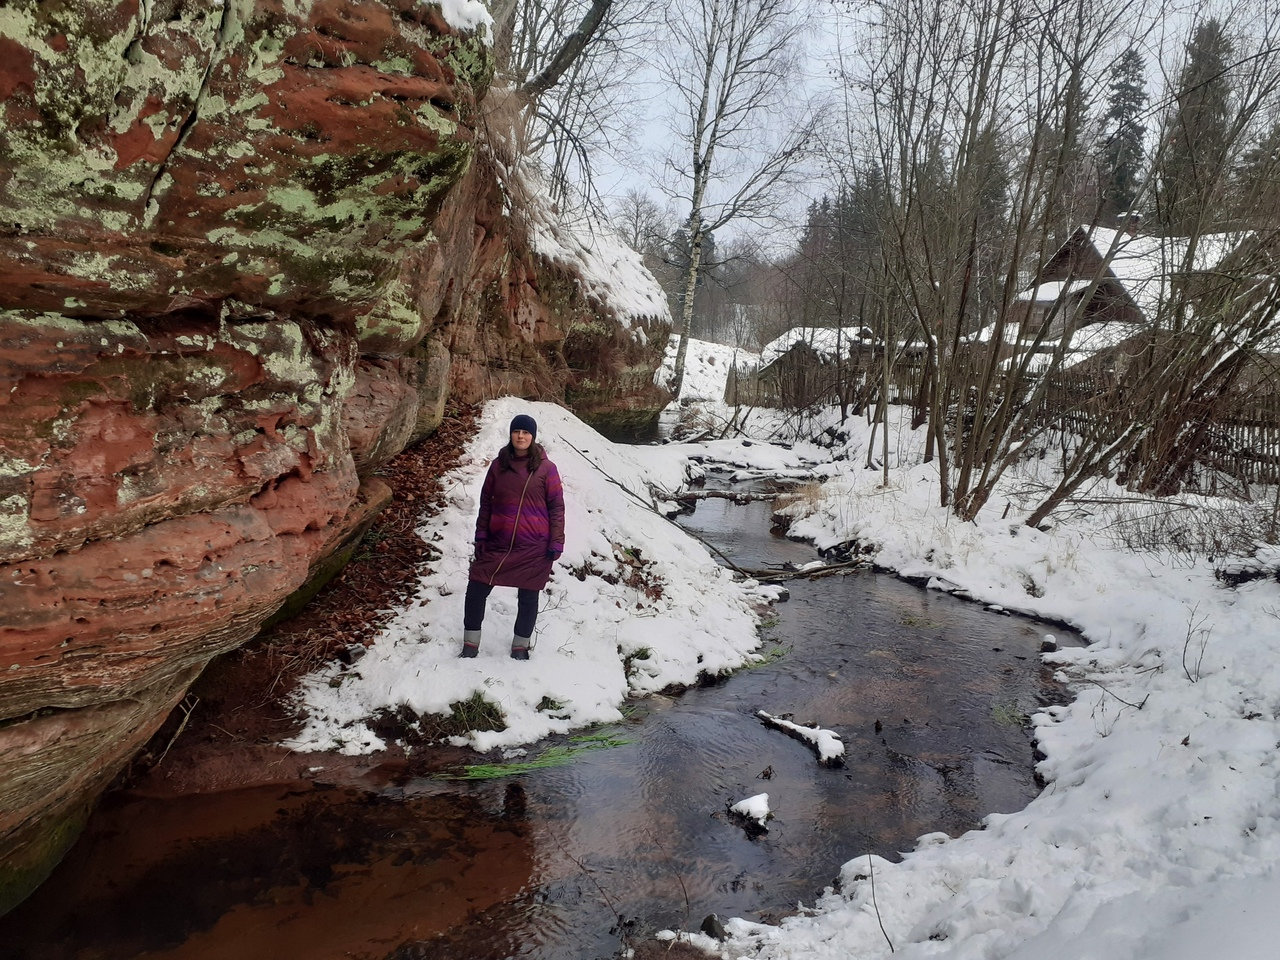 Красоты зимней Сиверской. Живописные берега Оредежа, обрывы и пещеры.